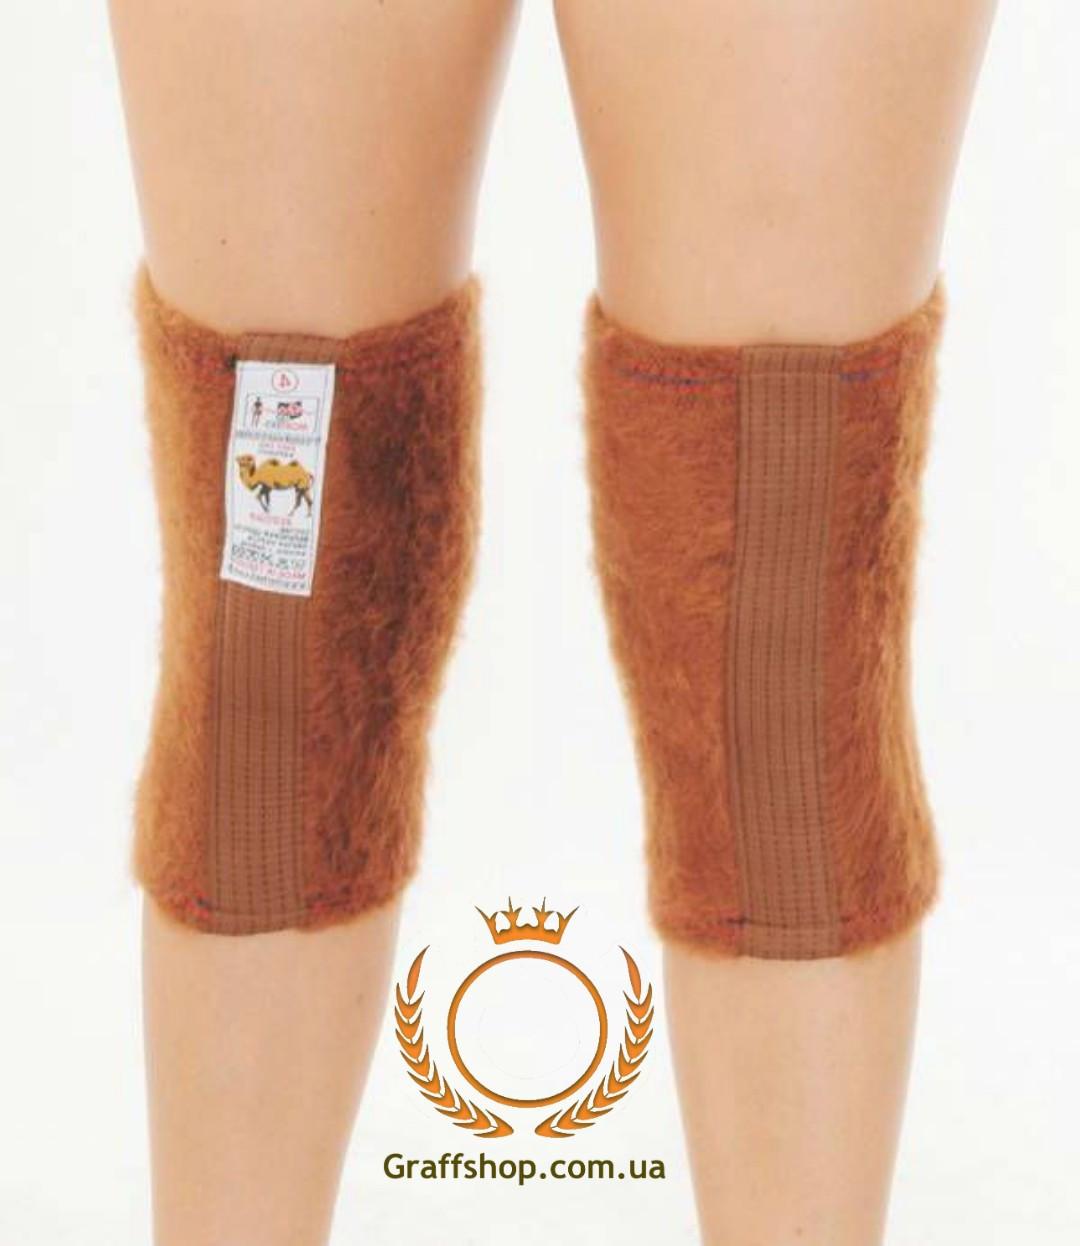 Согревающие наколенники из верблюжьей шерсти Nebat (Толстые)